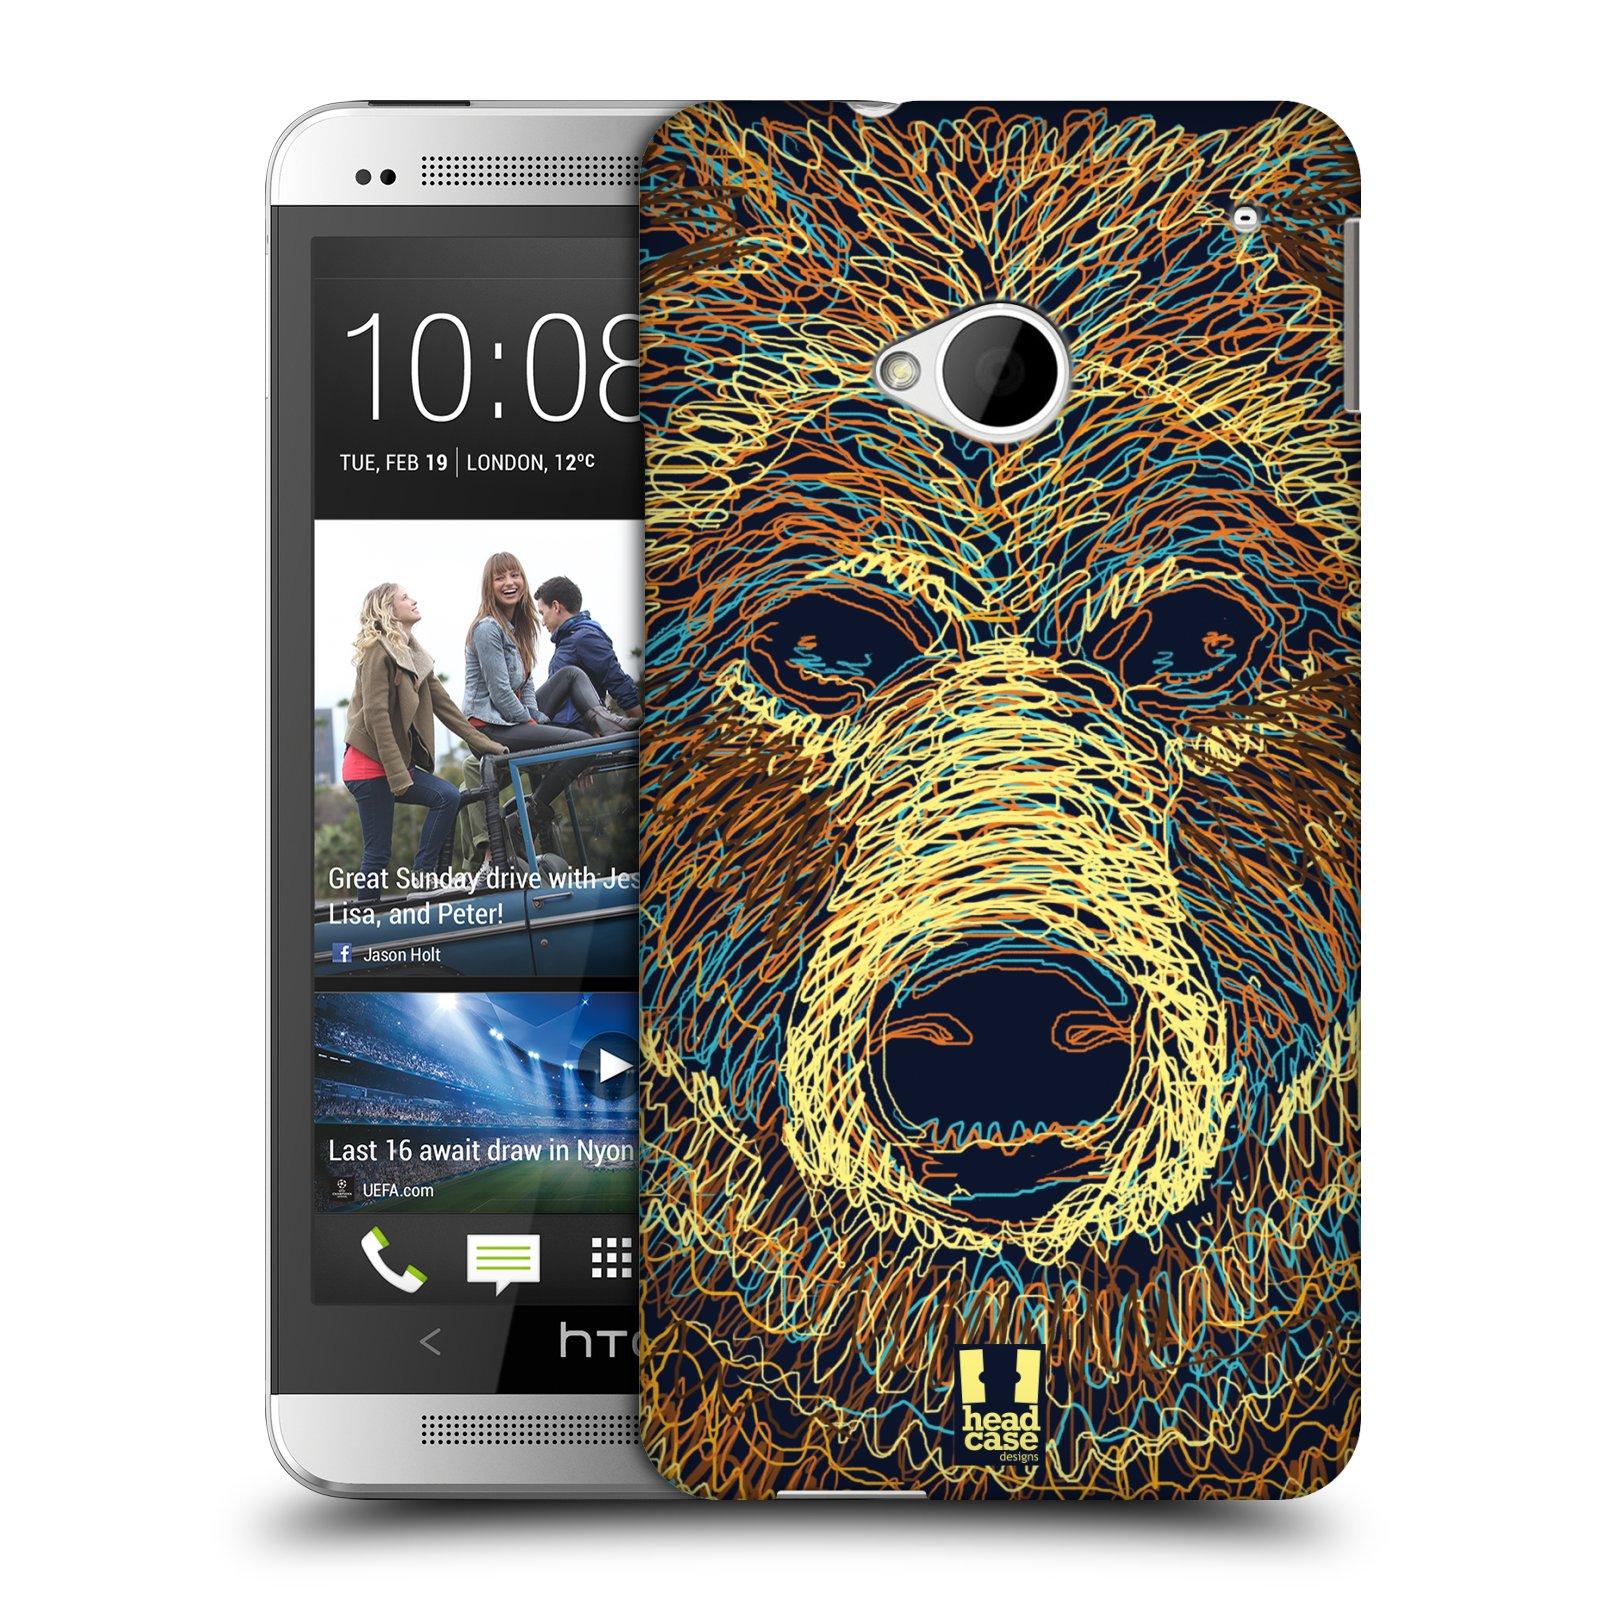 HEAD CASE plastový obal na mobil HTC One (M7) vzor zvíře čmáranice medvěd